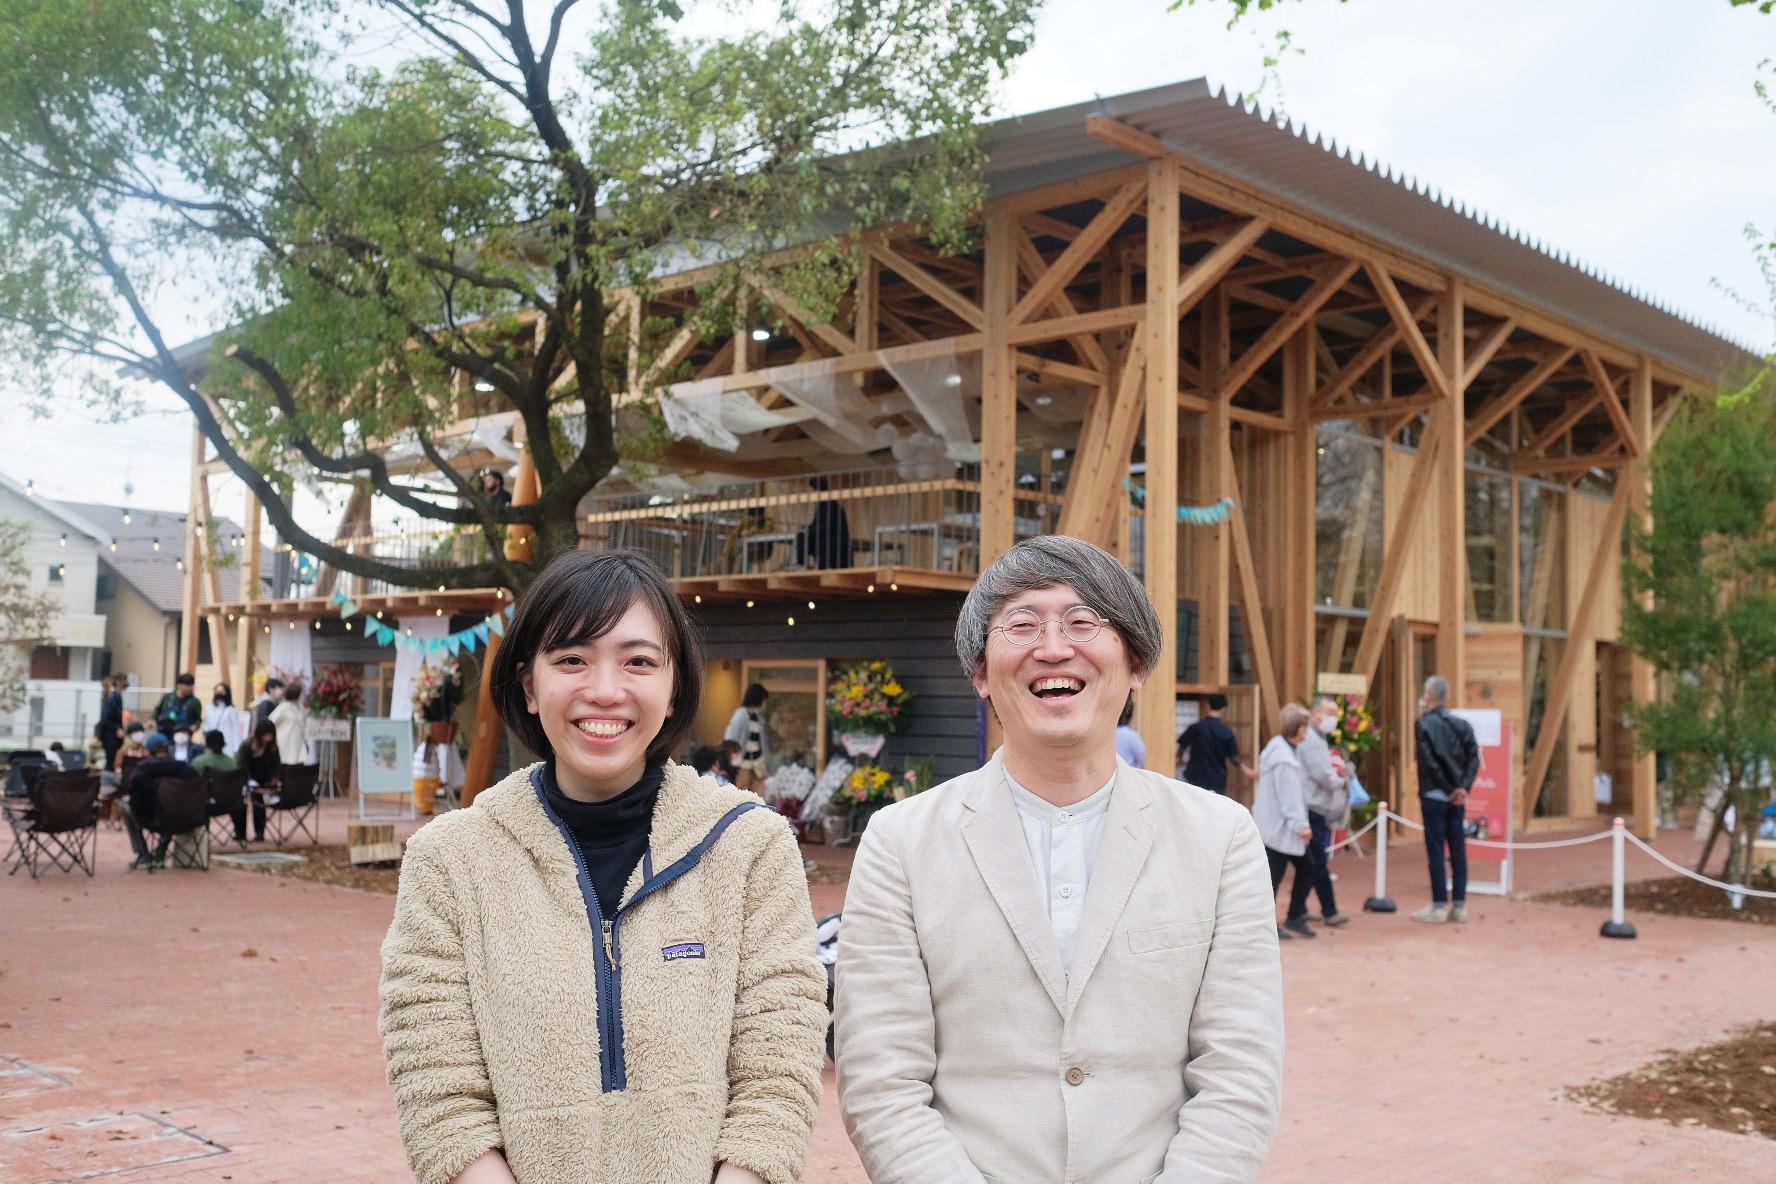 岐阜に「KAKAMIGAHARA PARK BRIDGE(カカミガハラ パーク ブリッジ)」が誕生!気になる公園の魅力をレポート - image11 1